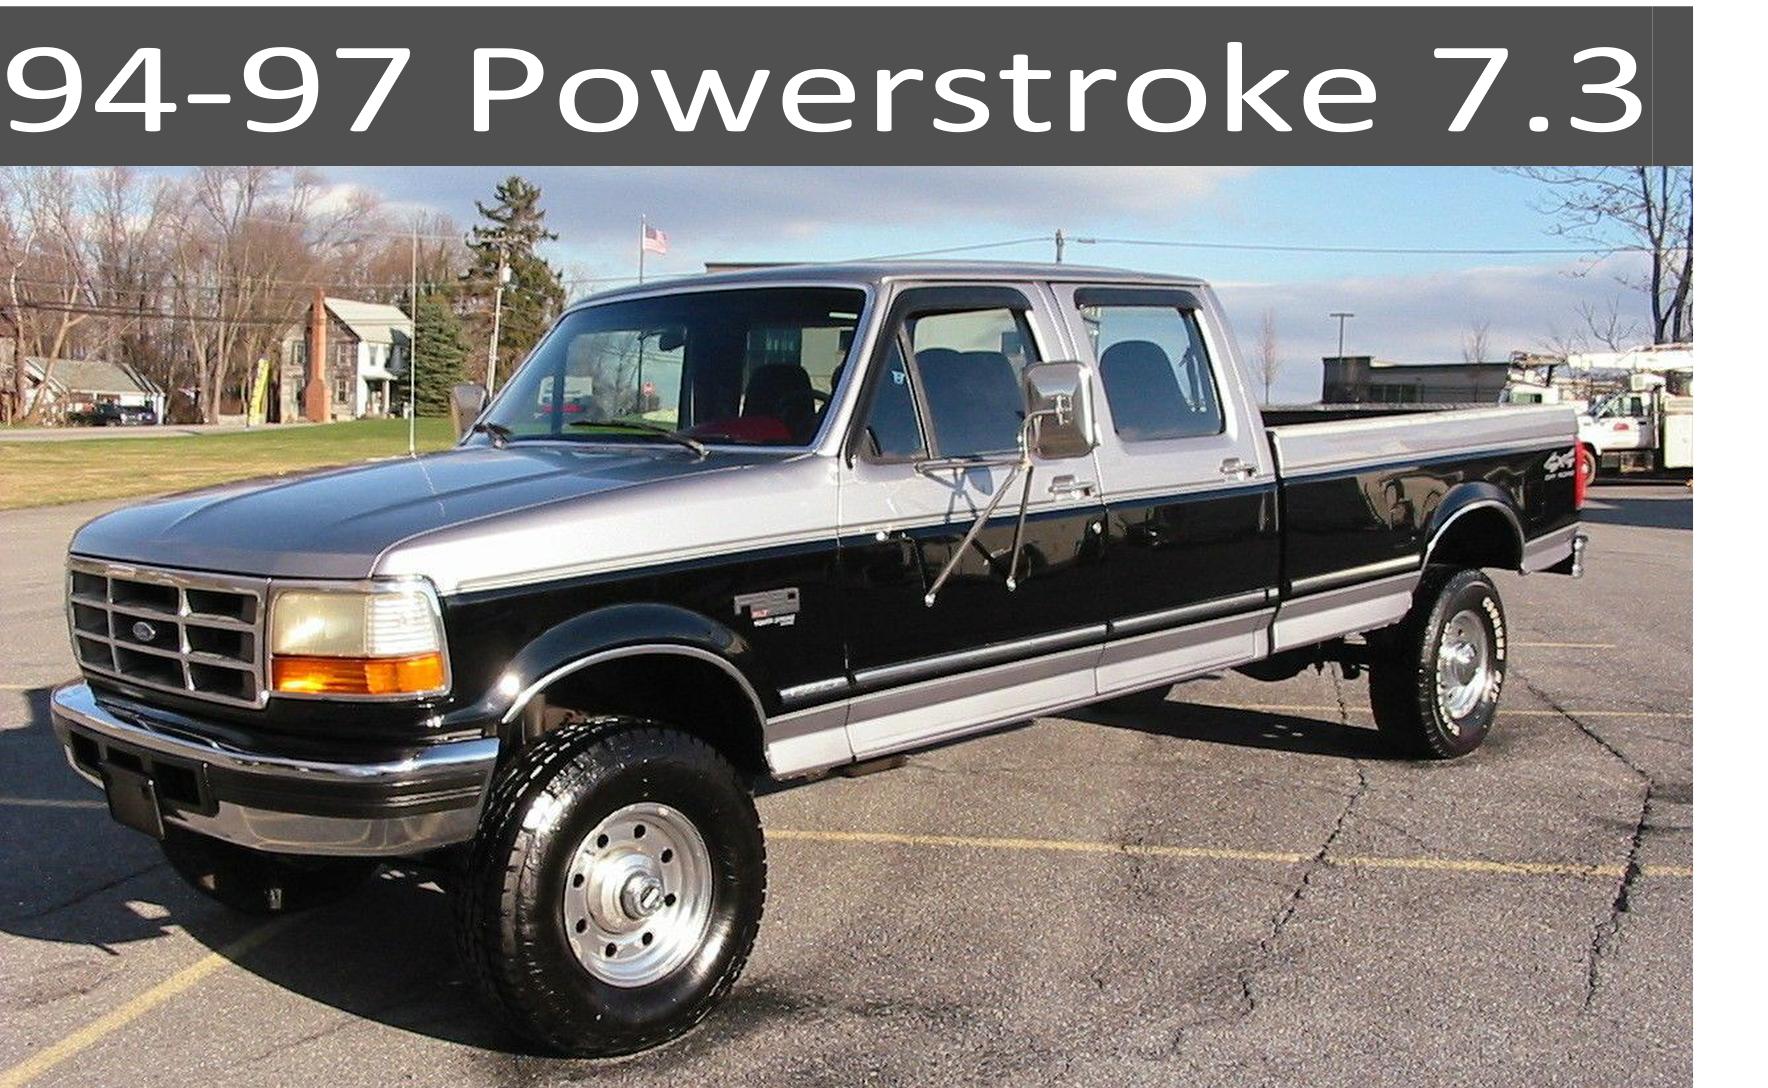 94-97 Ford 7.3 Powerstroke Diesel Parts